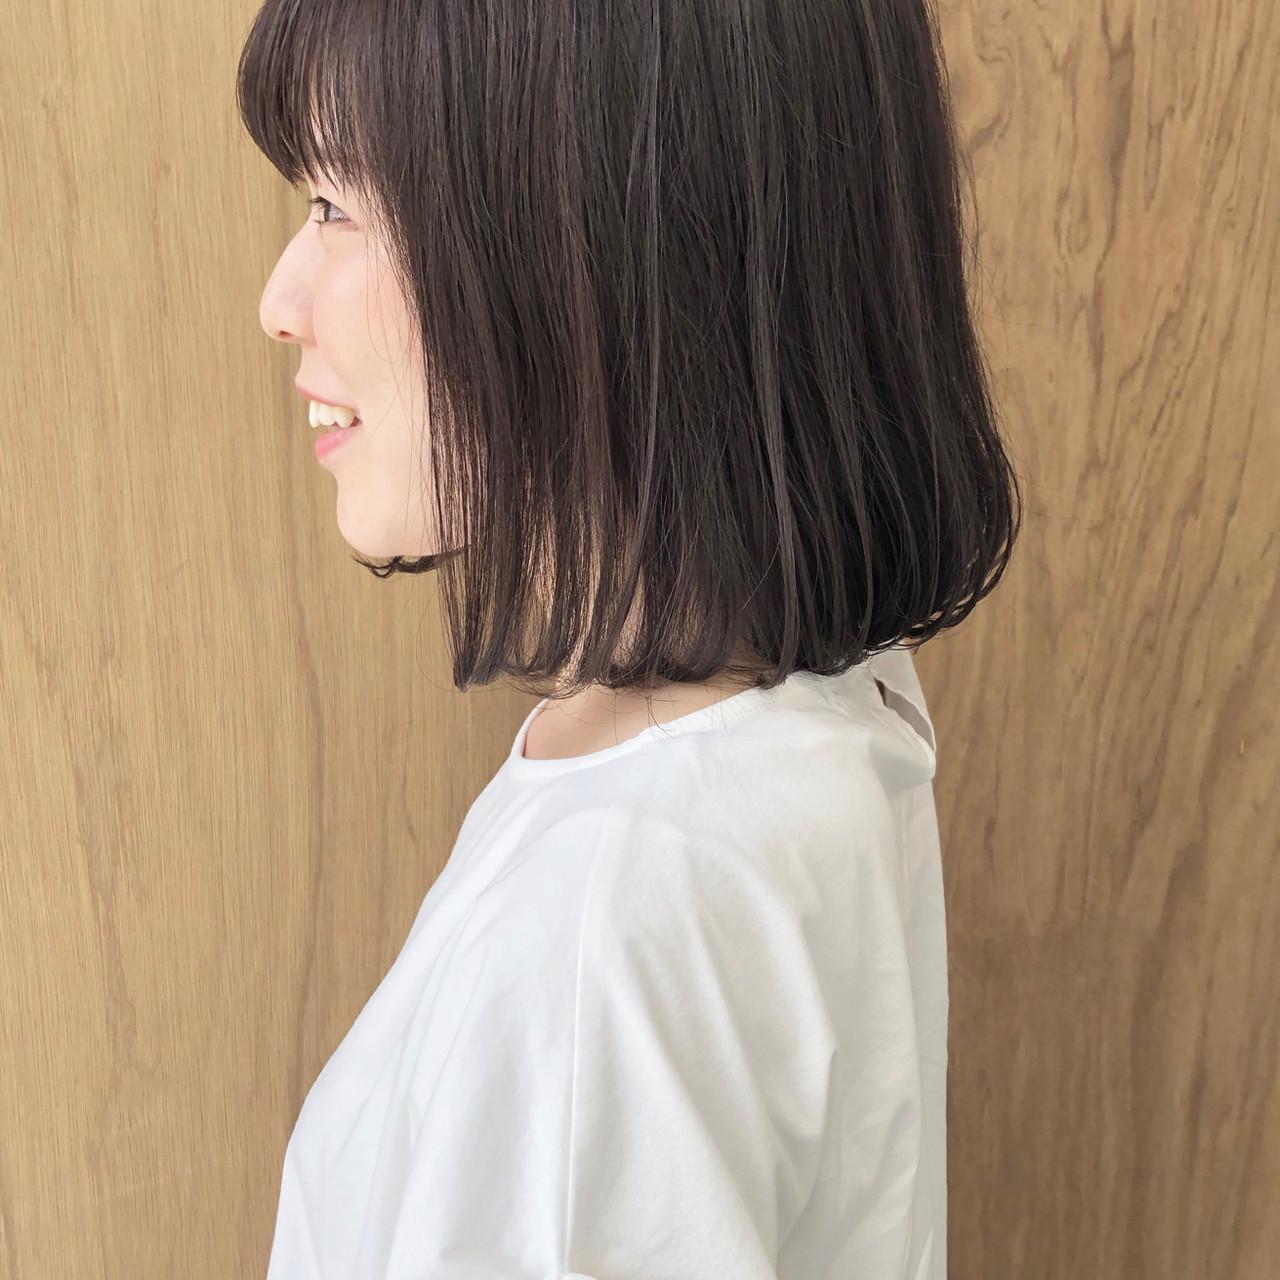 グラデーションカラー ボブ 外ハネボブ ショートボブ ヘアスタイルや髪型の写真・画像 | 松井勇樹 / TWiGGY  歩行町店